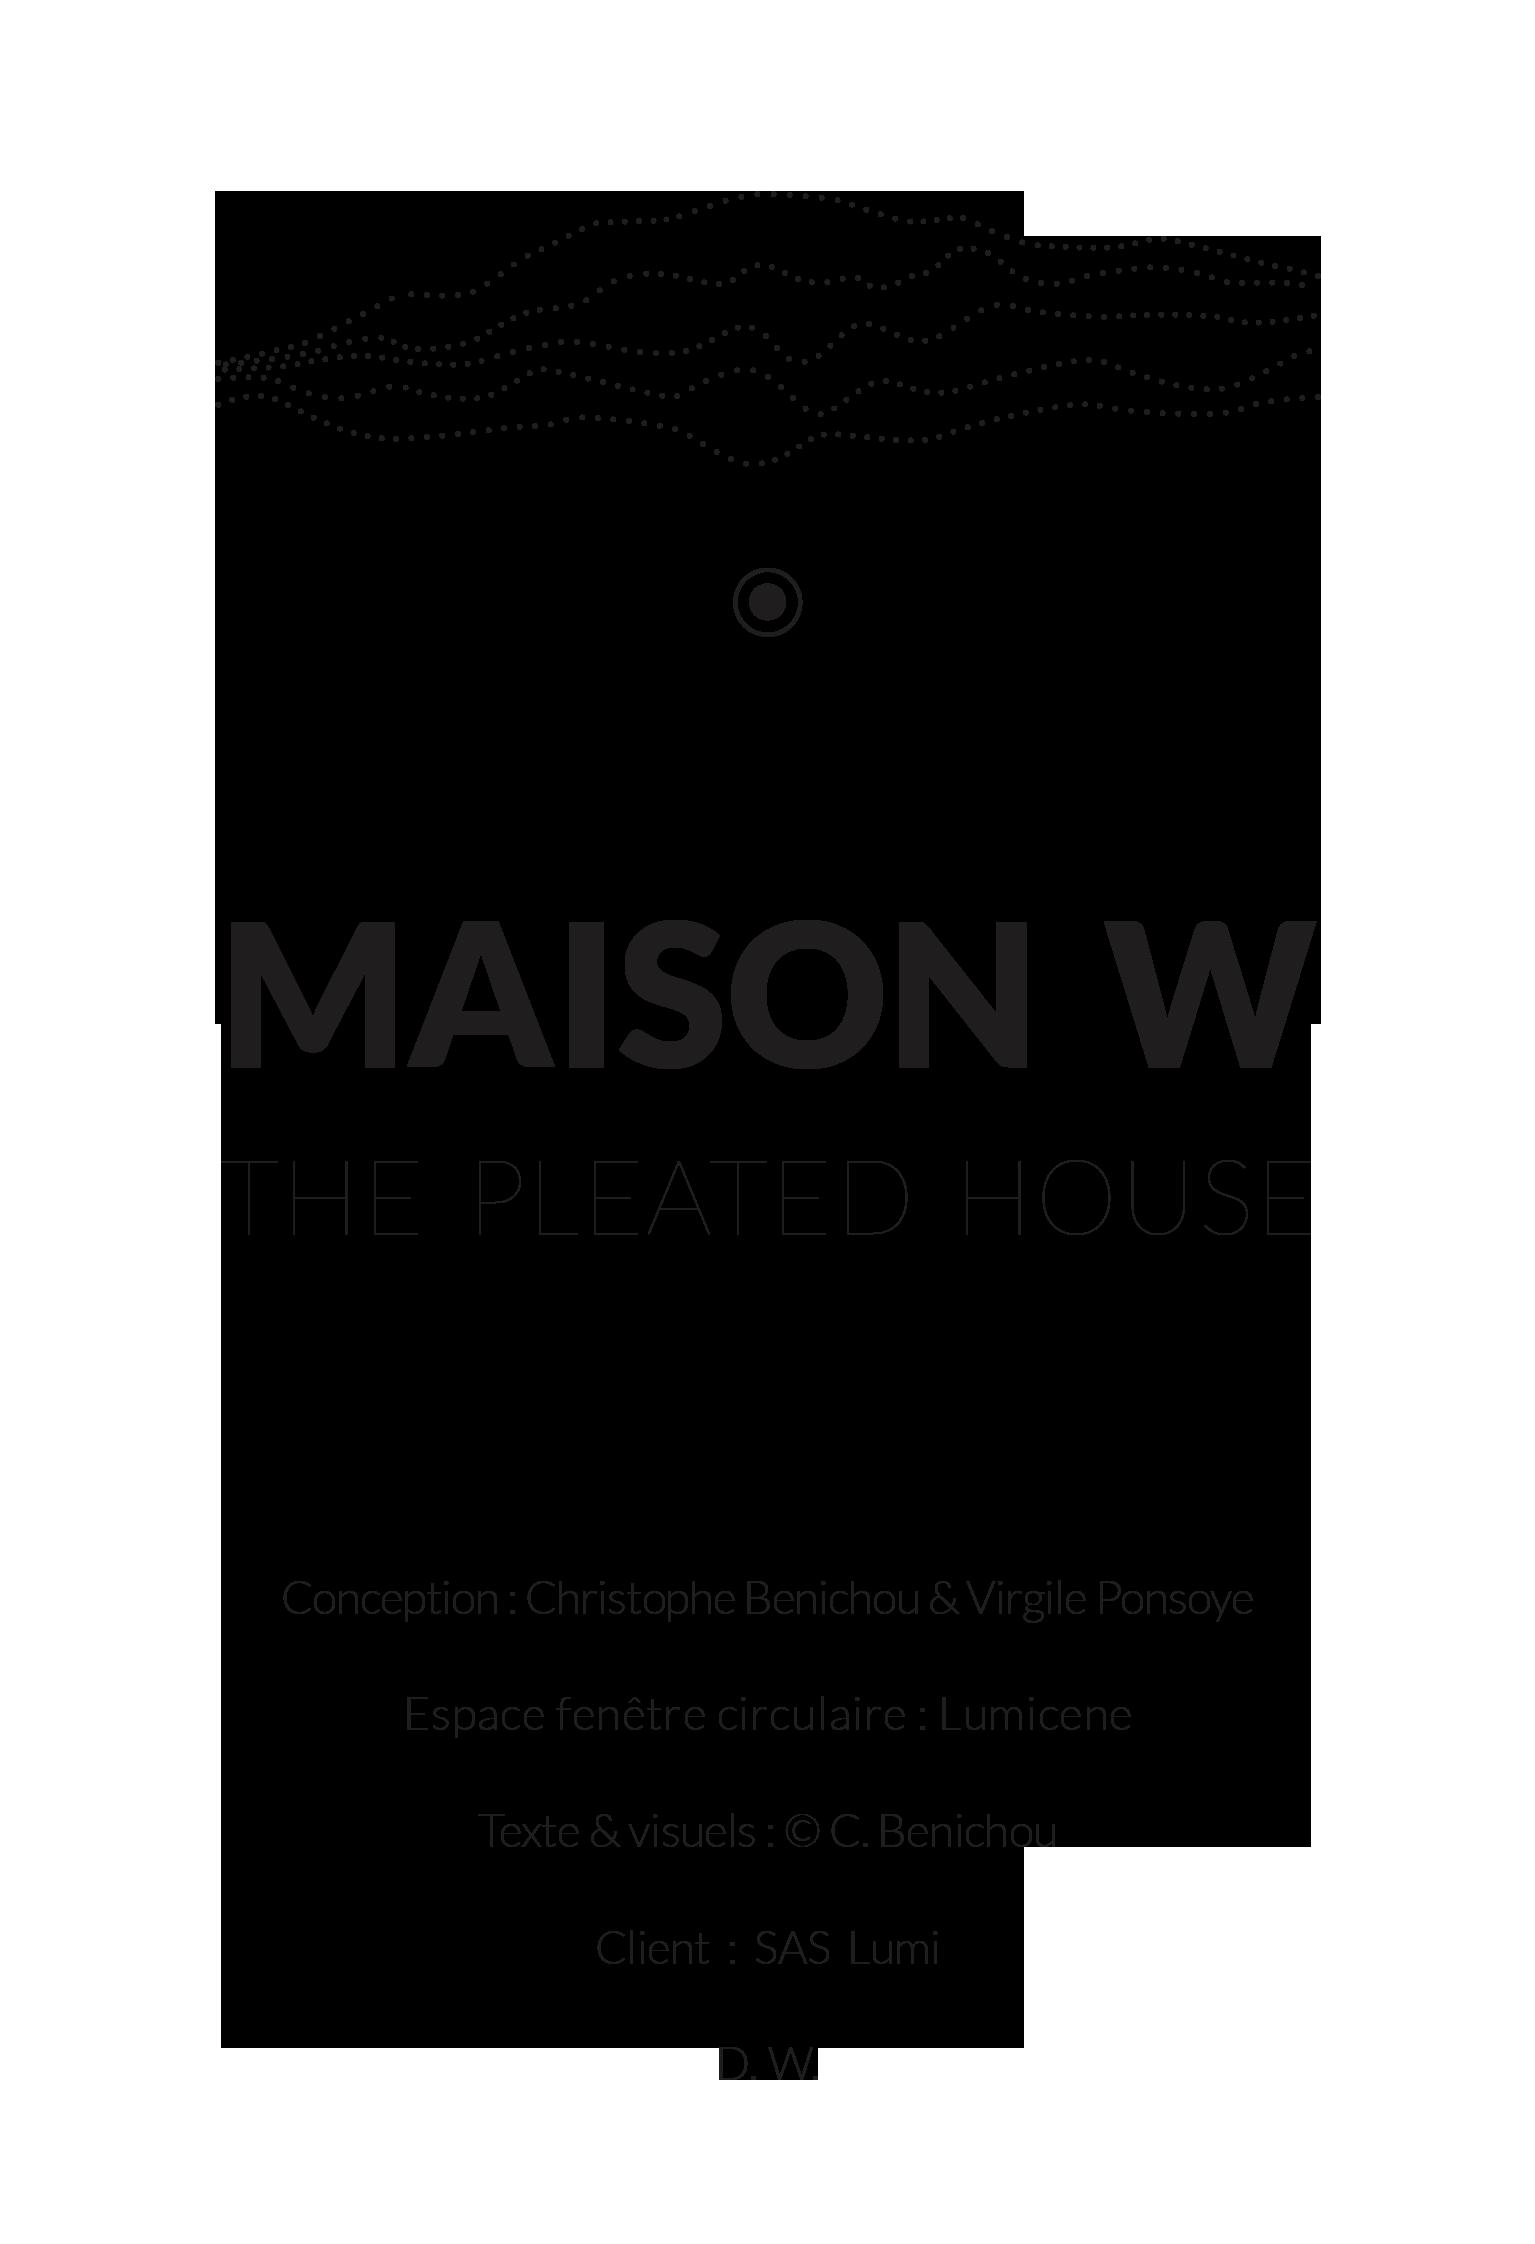 Maison W-the pleated house-logo-FR